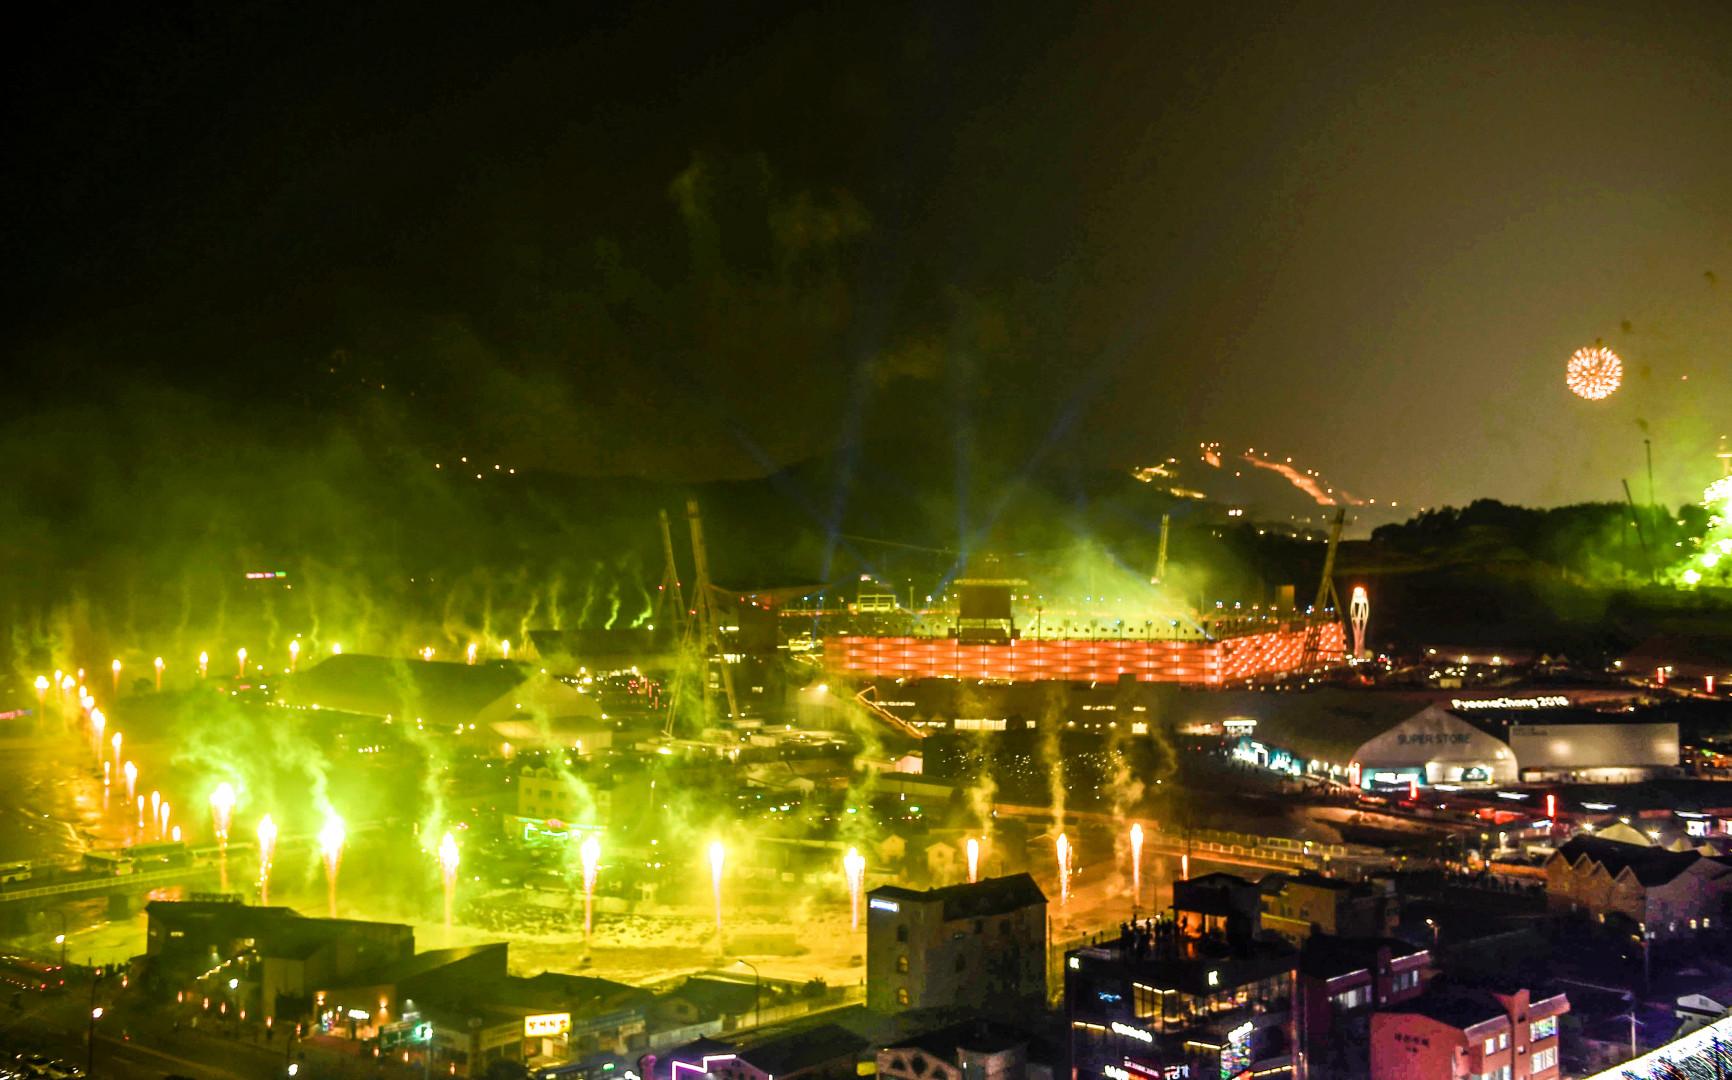 Un dernier feu d'artifice dans et tout autour du stade olympique